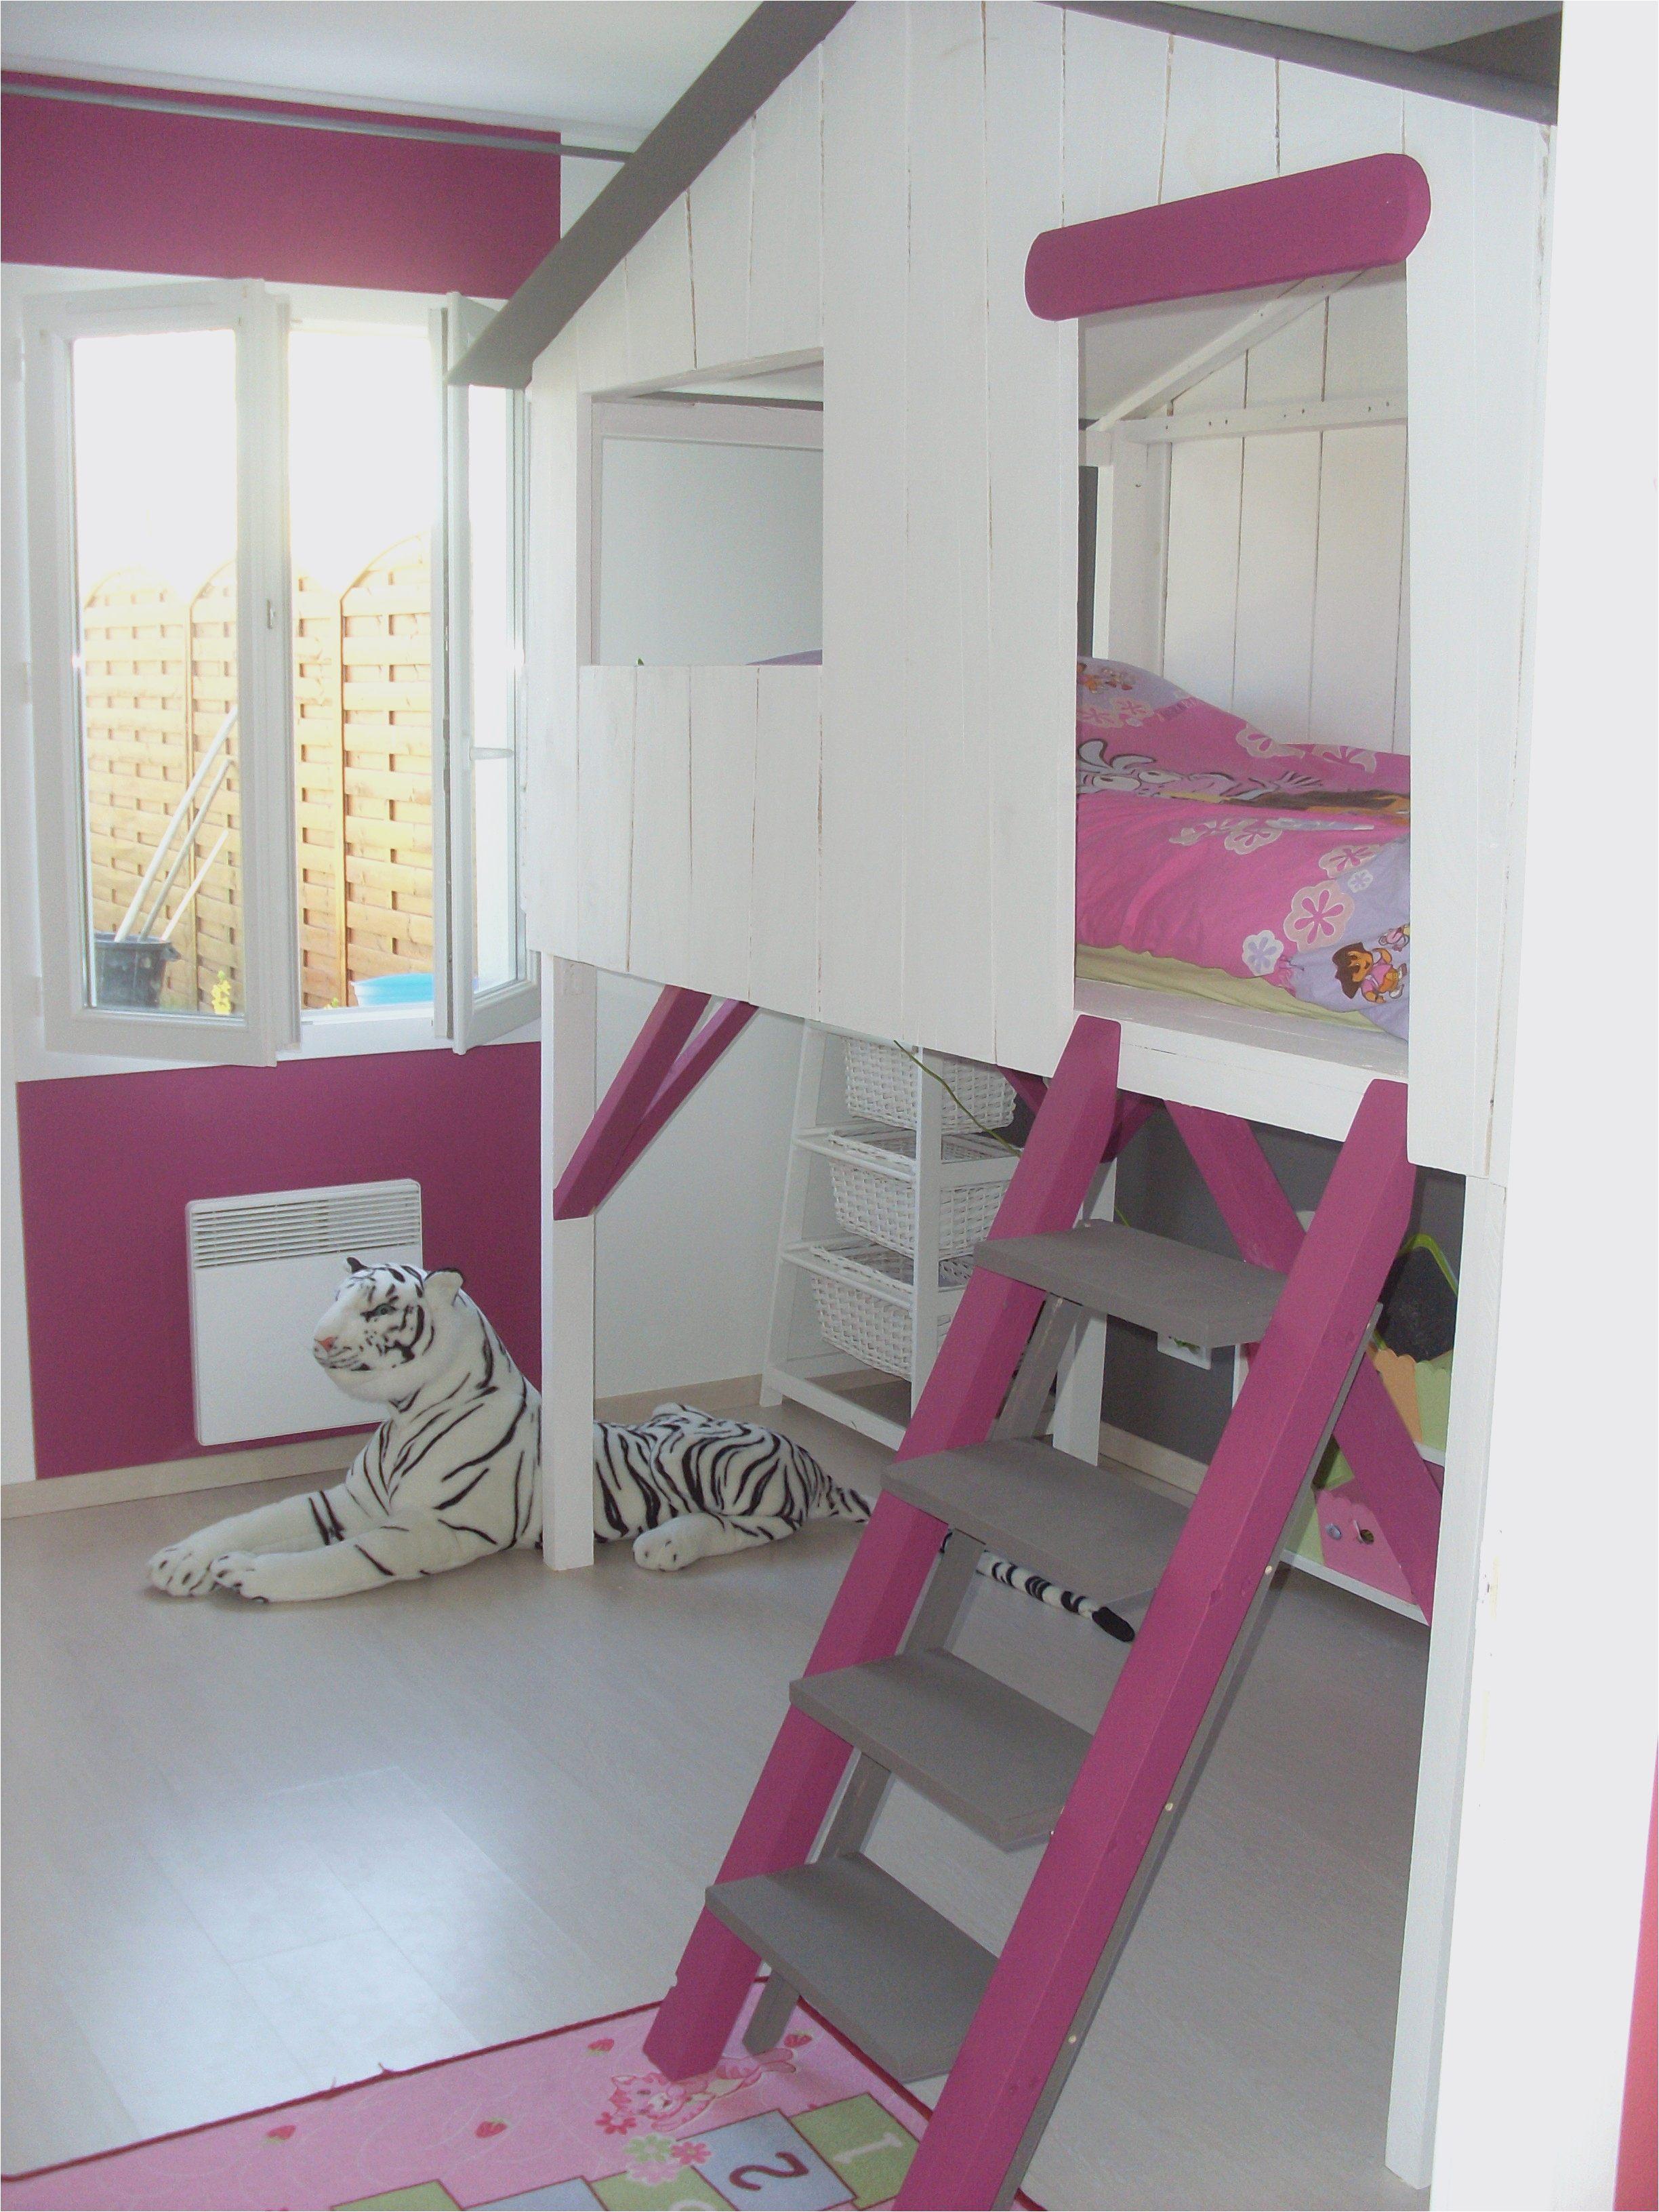 Lit toboggan Enfant Luxe Lit Mezzanine toboggan Unique Lit Avec Escalier Rangement Rangement